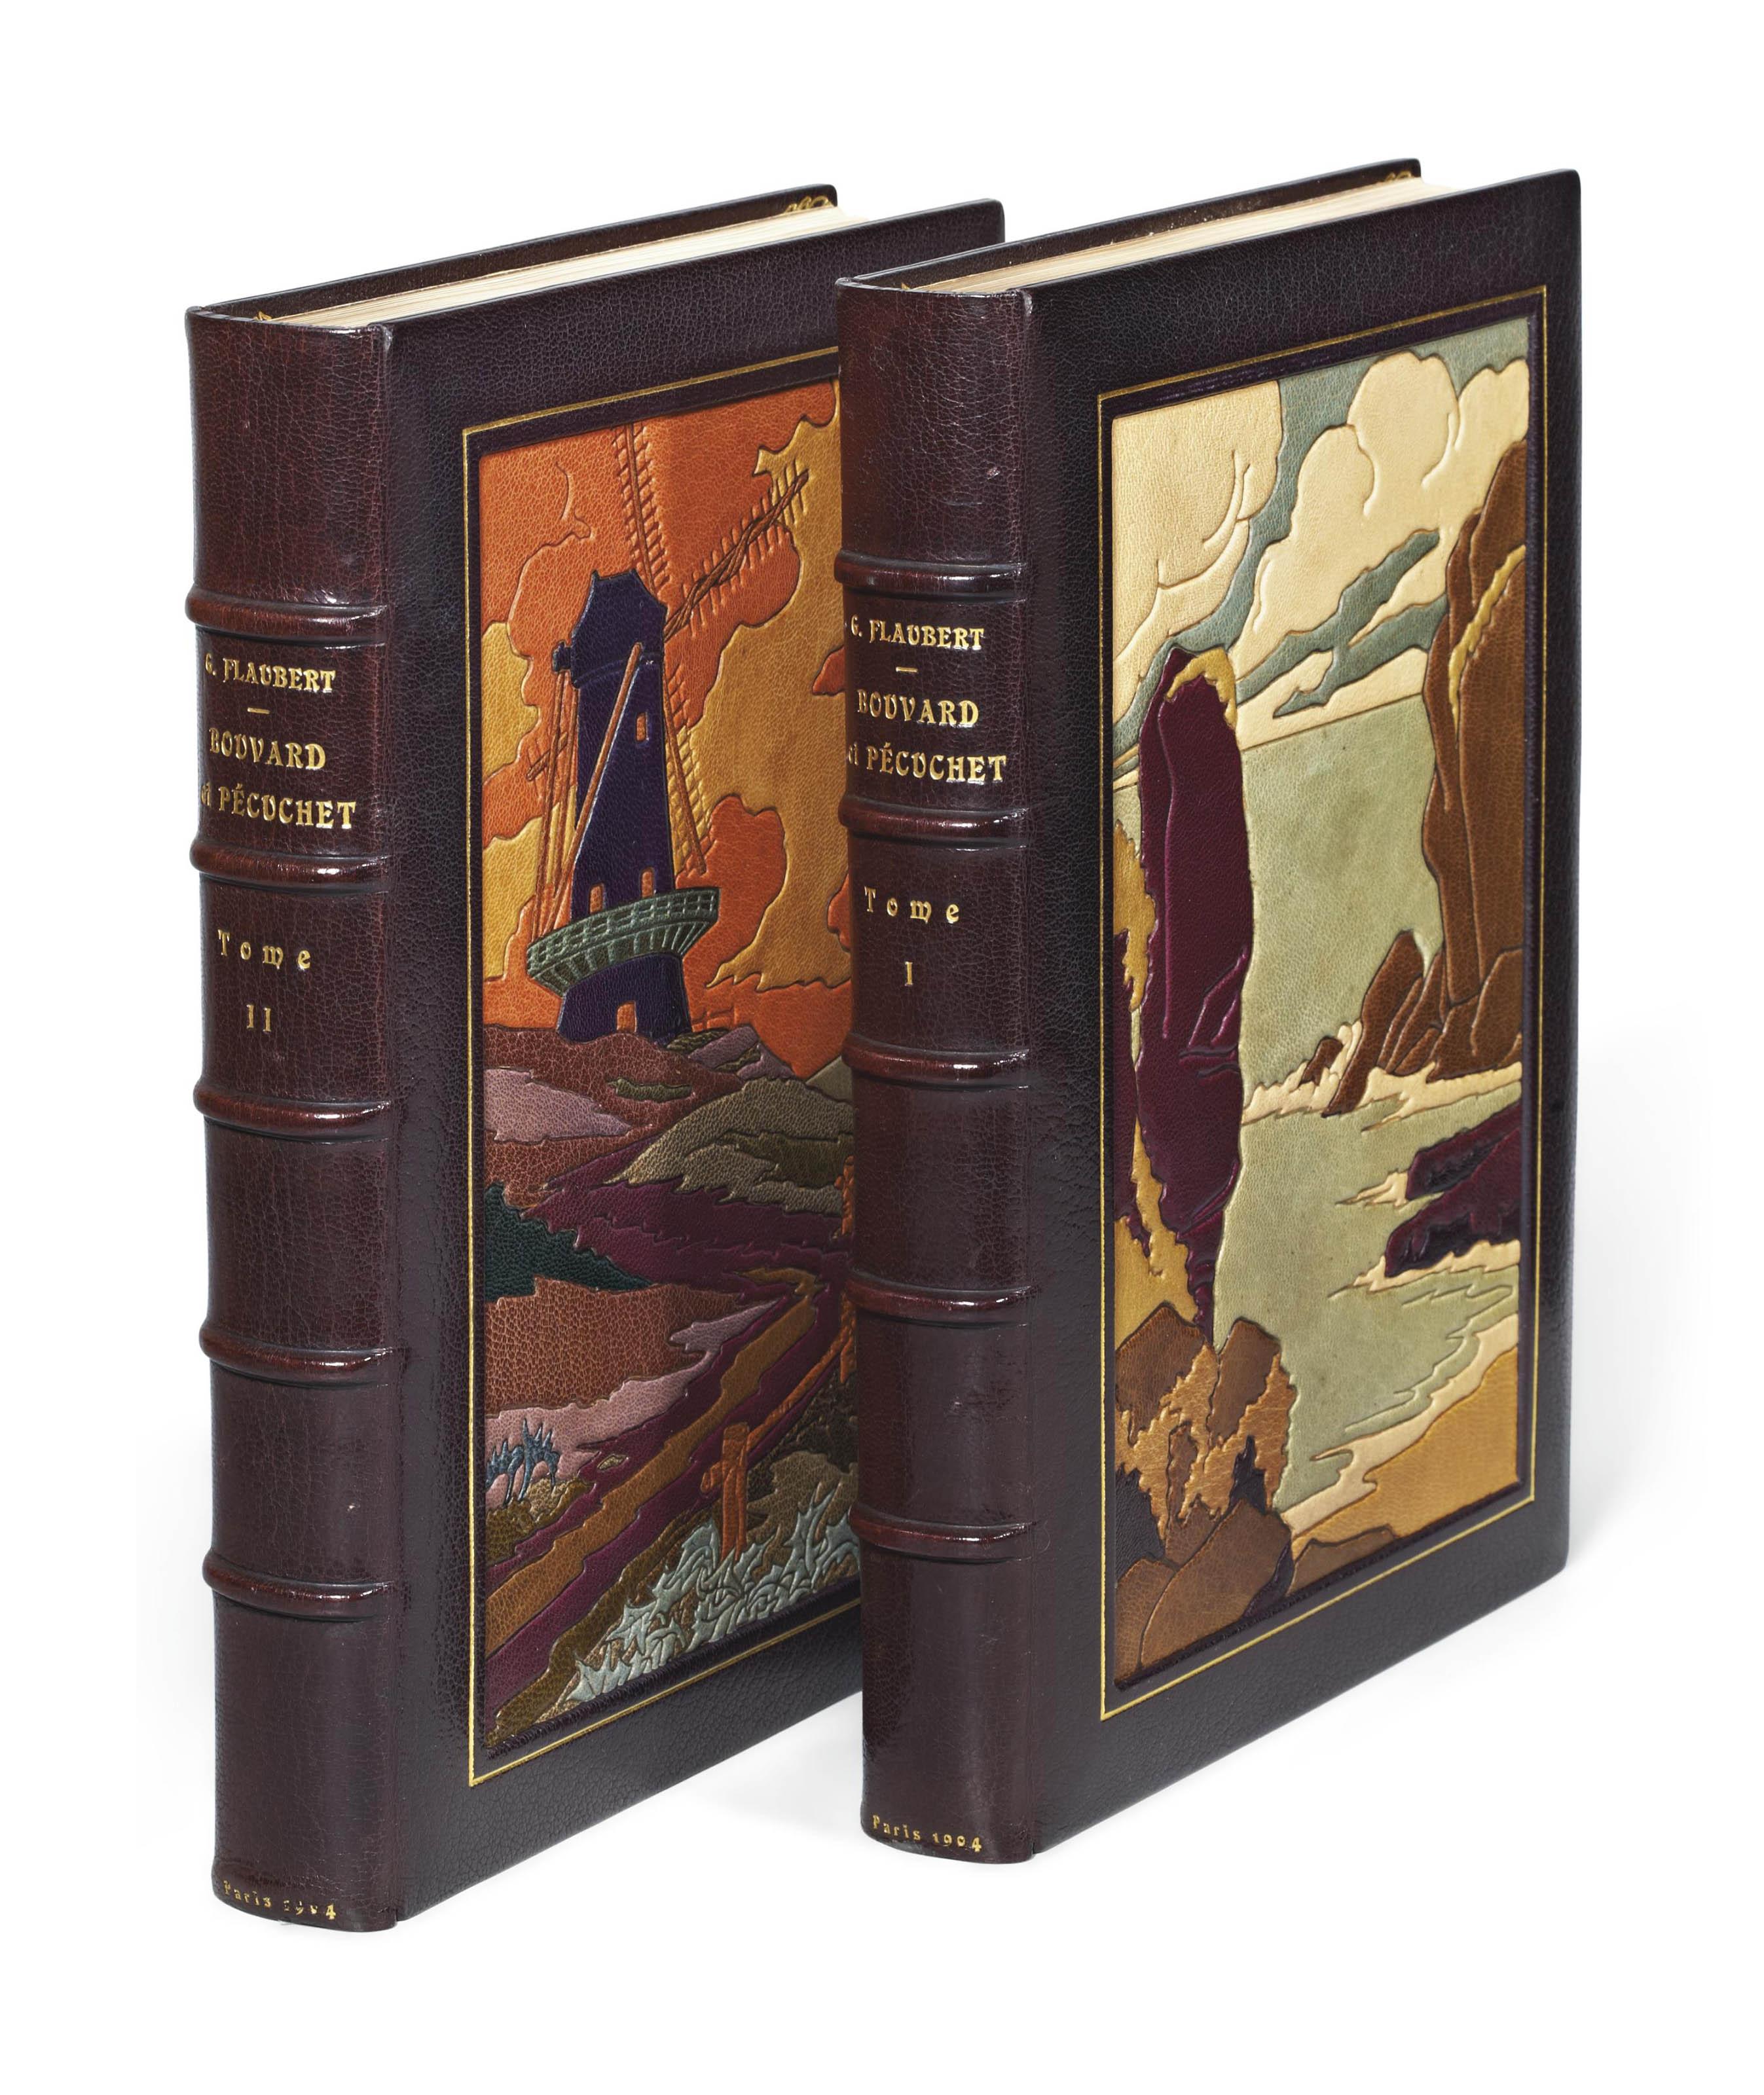 [HUARD] -- FLAUBERT, Gustave (1821-1880). Bouvard et Pécuchet. Illustrations de Ch. Huard. Paris: éditions d'art Piazza, 1904.